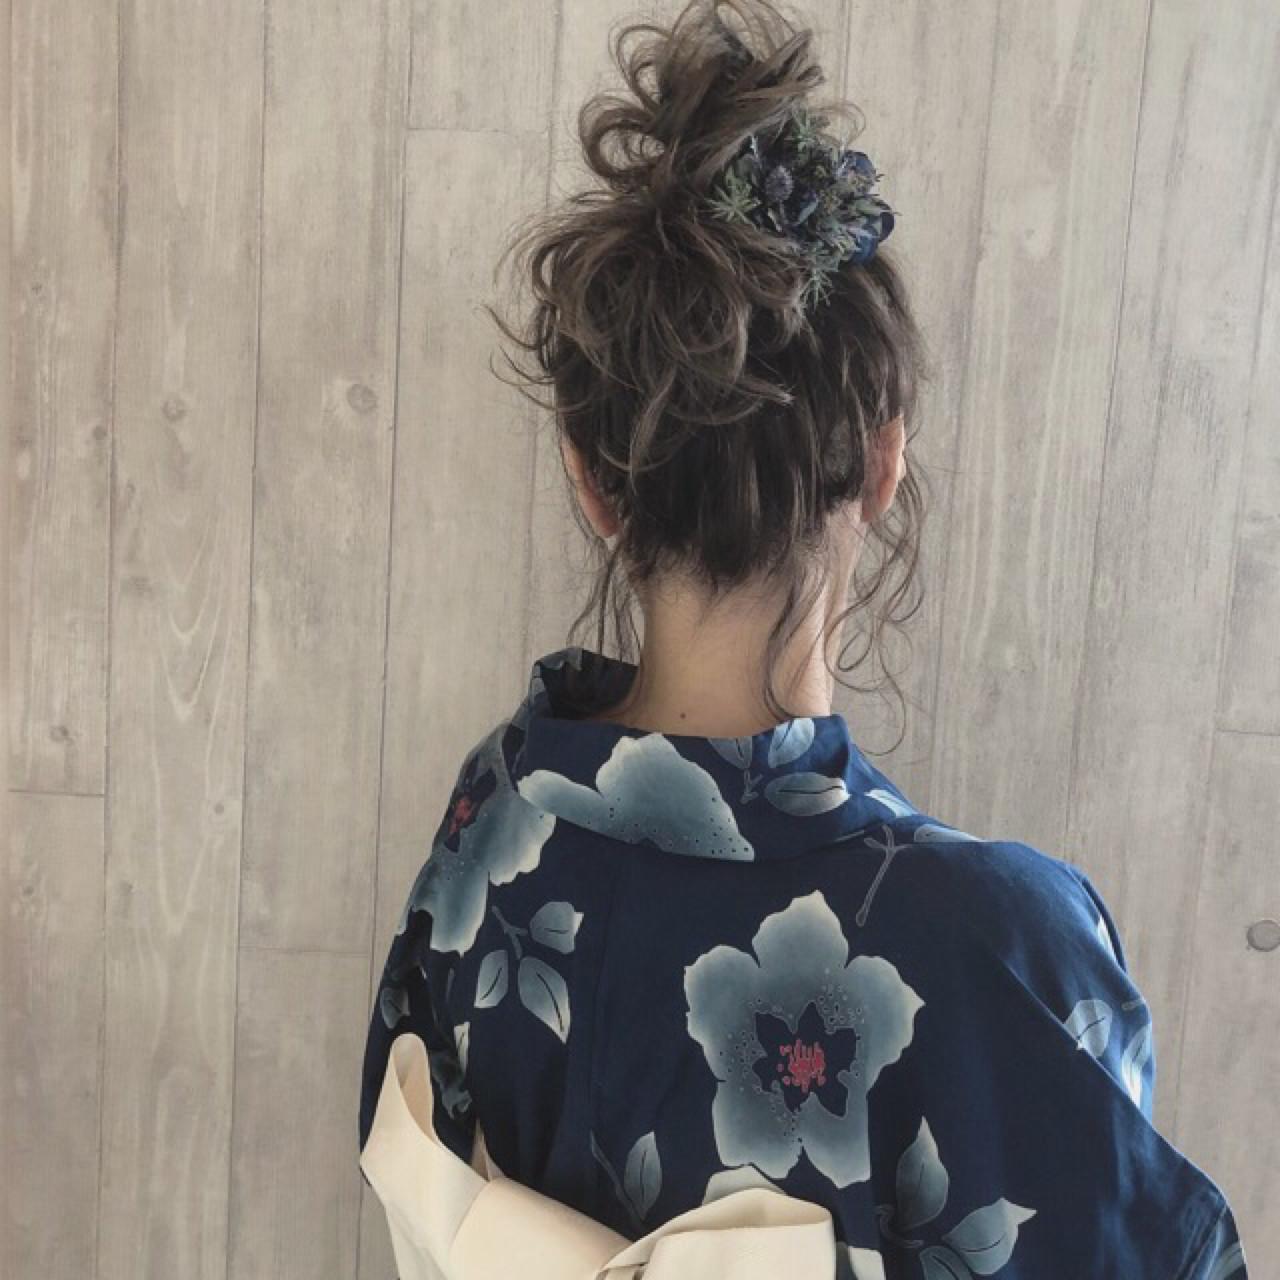 ガーリー 色気 ボブ お団子 ヘアスタイルや髪型の写真・画像